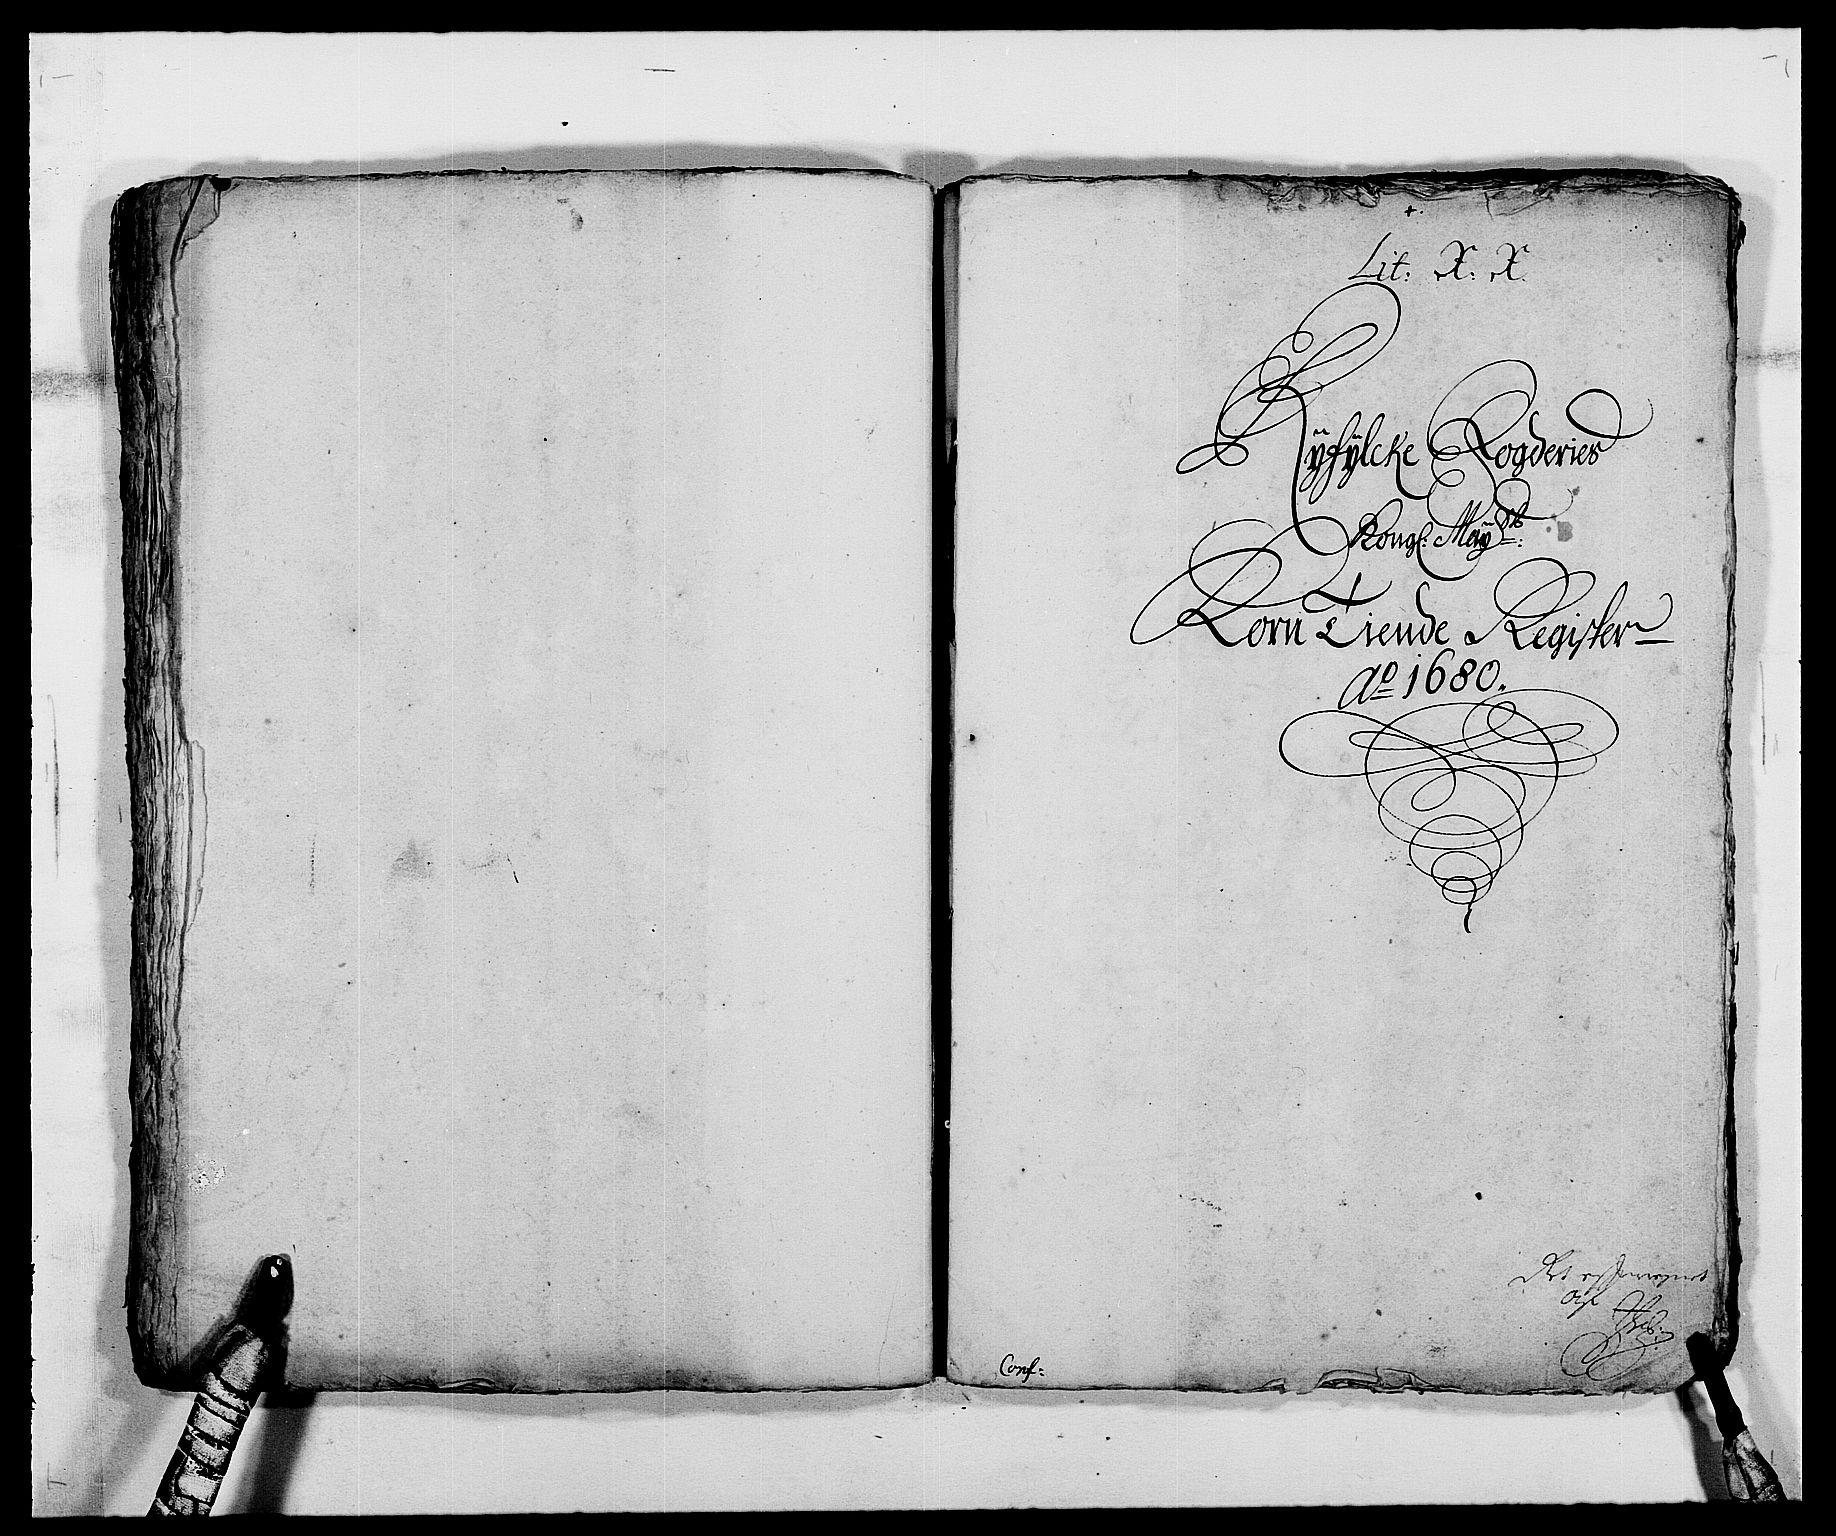 RA, Rentekammeret inntil 1814, Reviderte regnskaper, Fogderegnskap, R47/L2850: Fogderegnskap Ryfylke, 1680, s. 155